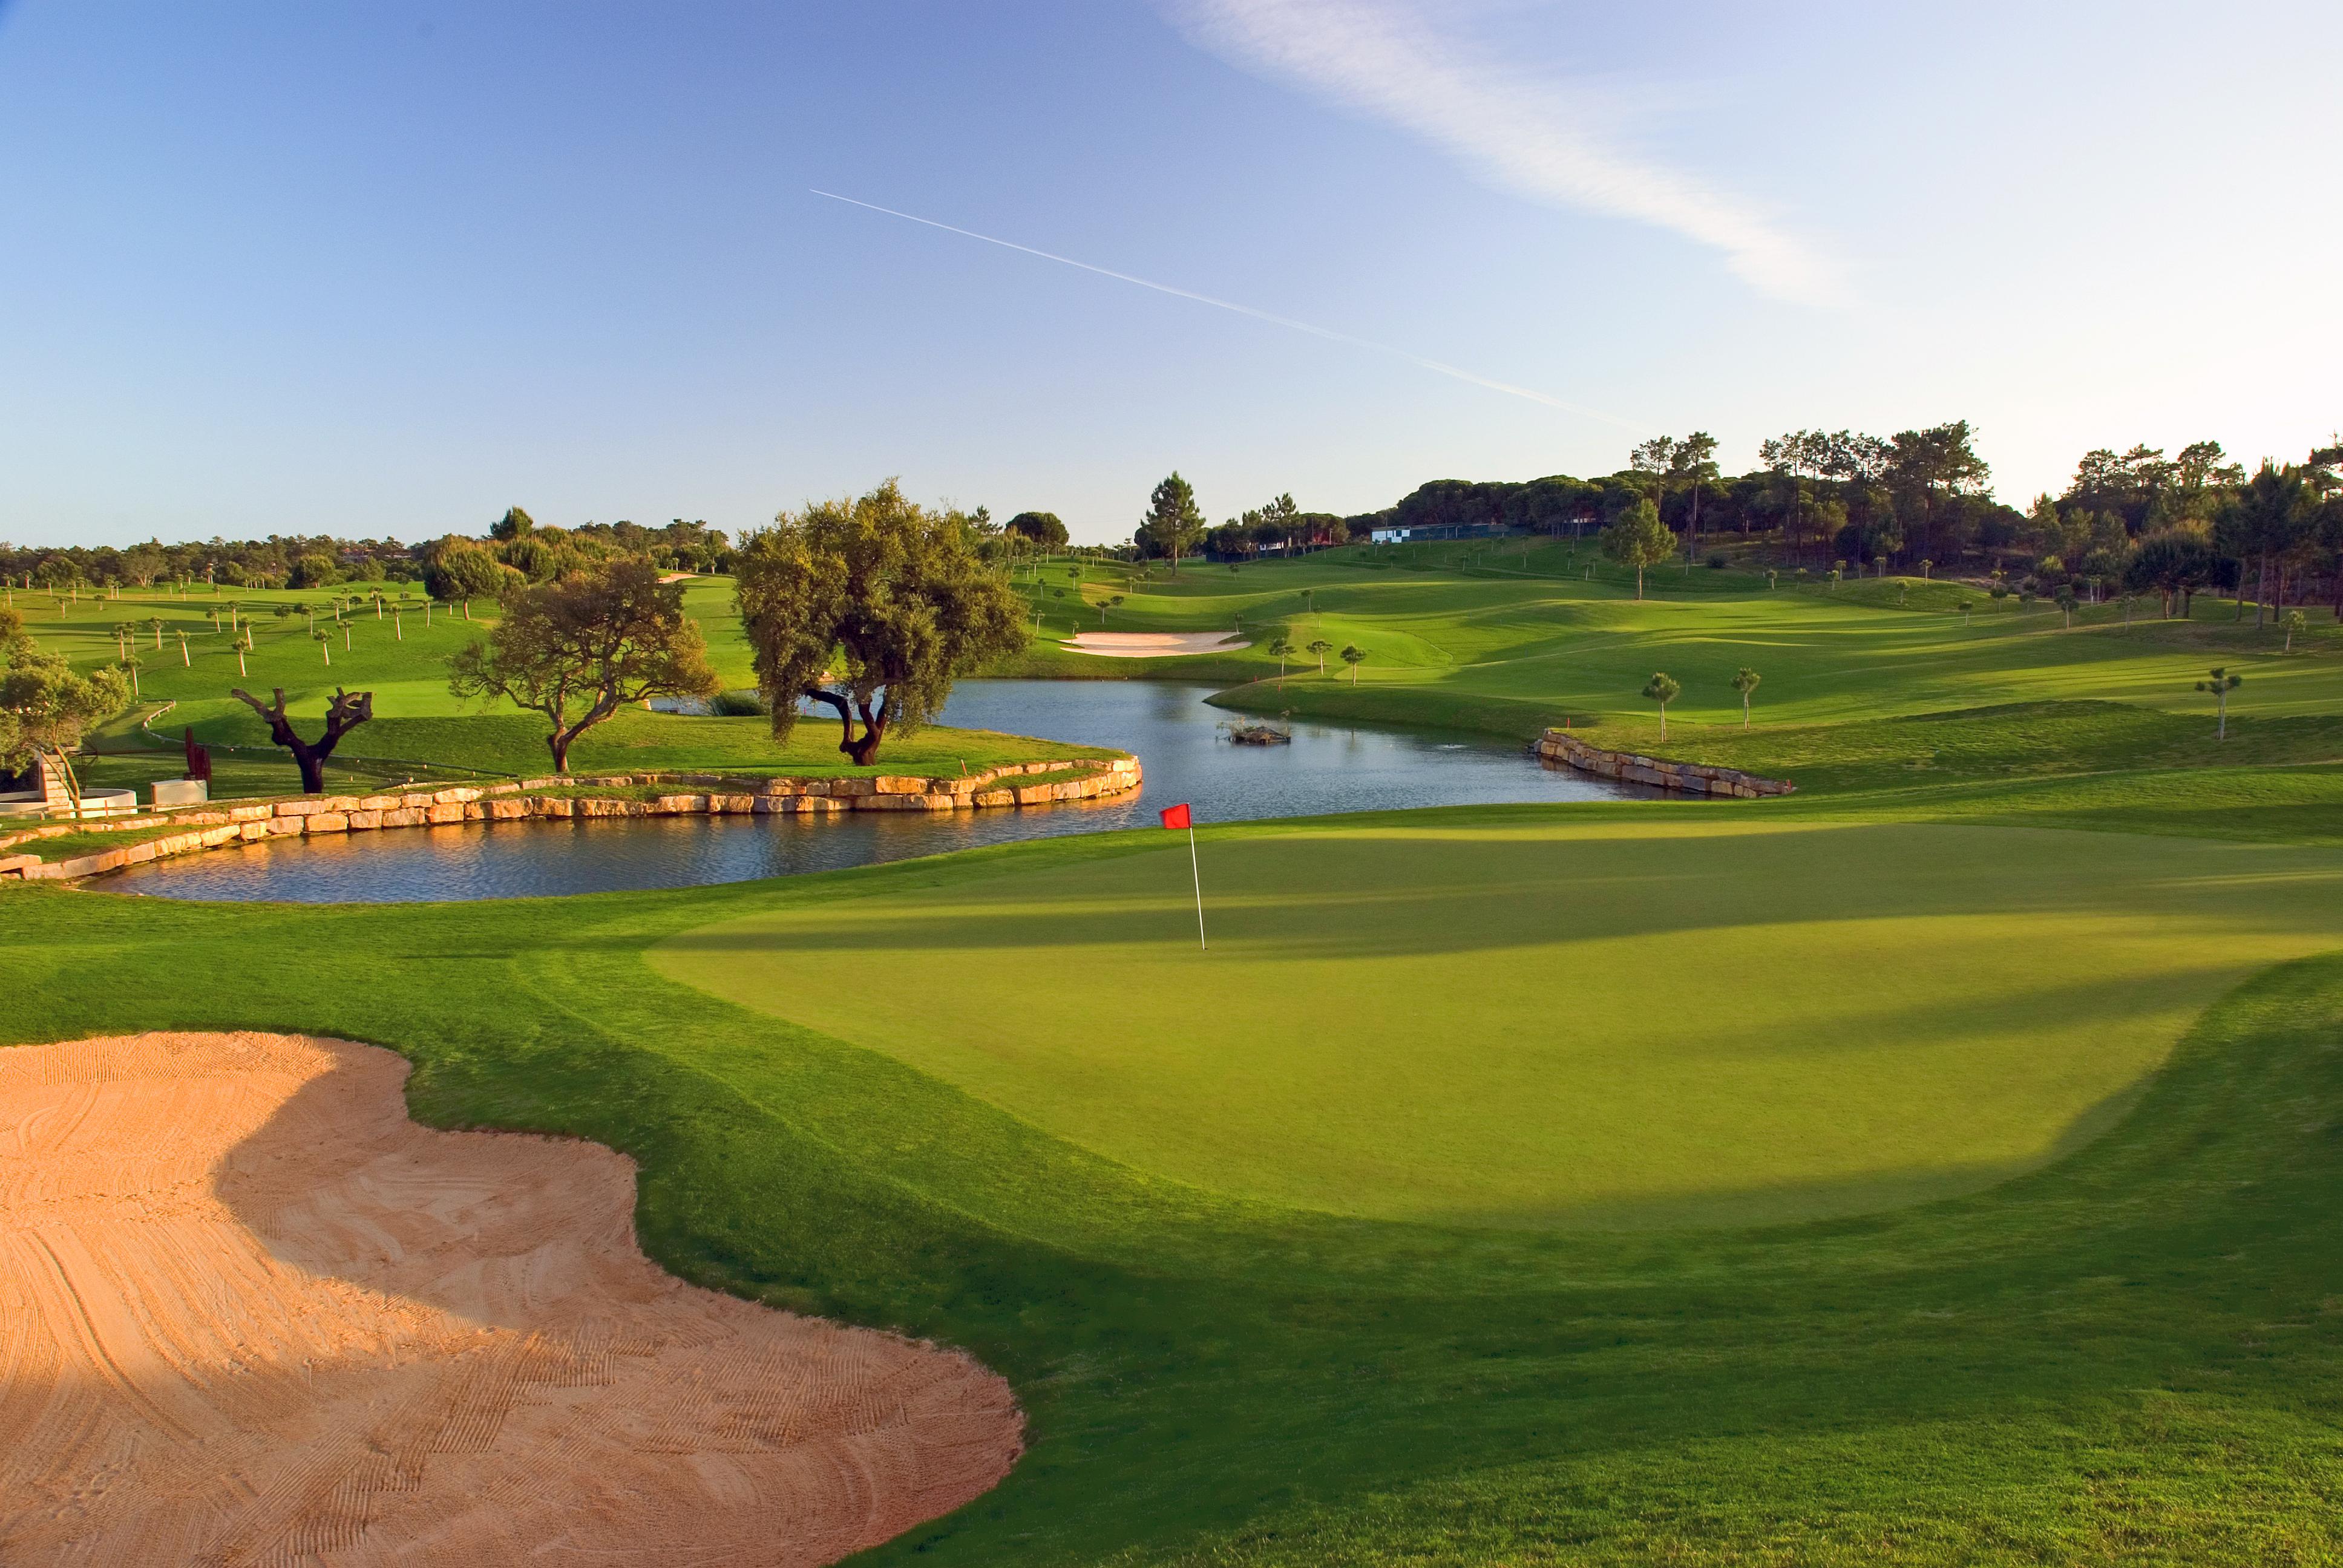 Overview of golf course named Pinheiros Altos Golf Resort